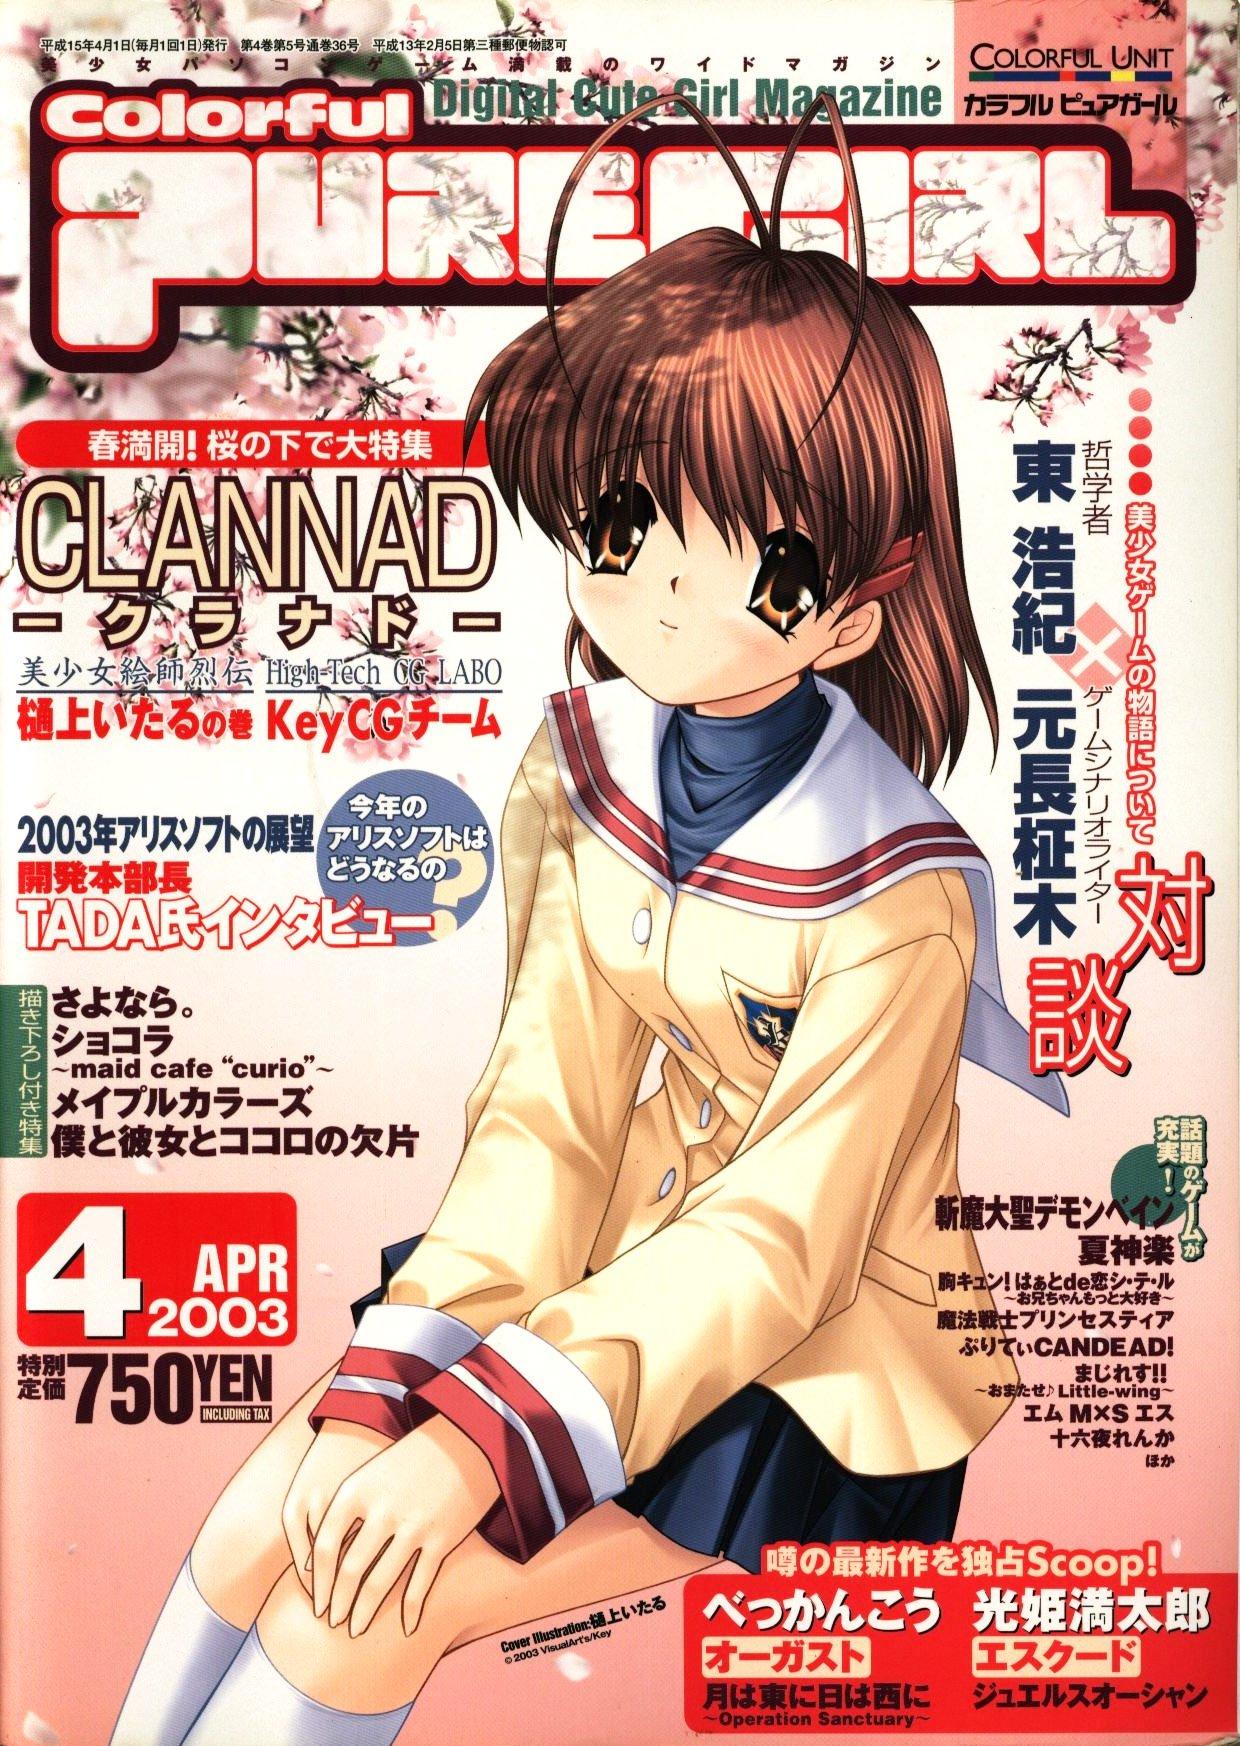 Colorful Puregirl Issue 36 (April 2003)